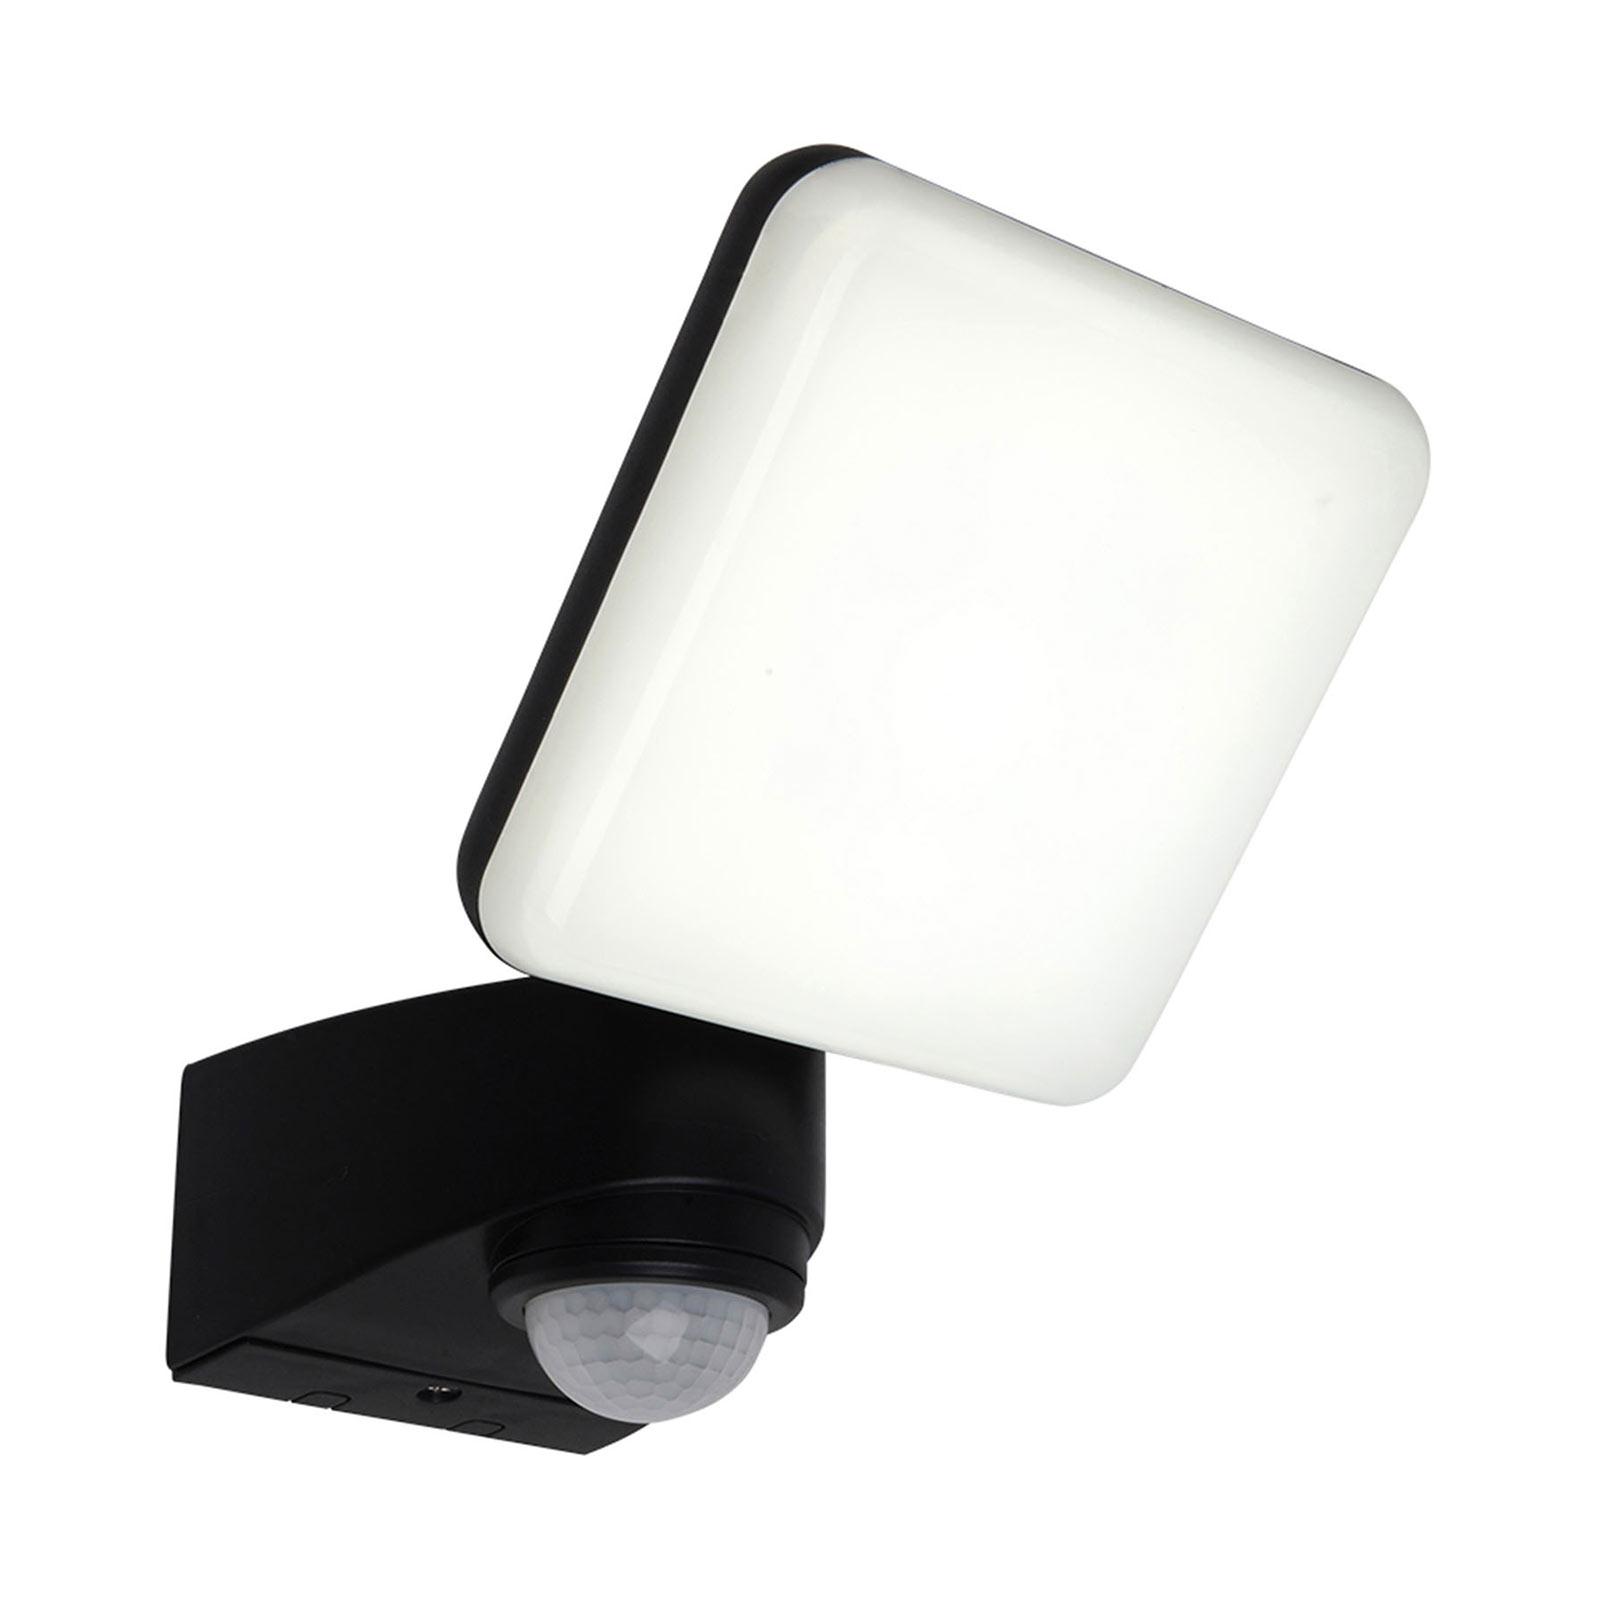 Kinkiet zewnętrzny LED Jaro, czujnik, 1-punktowy